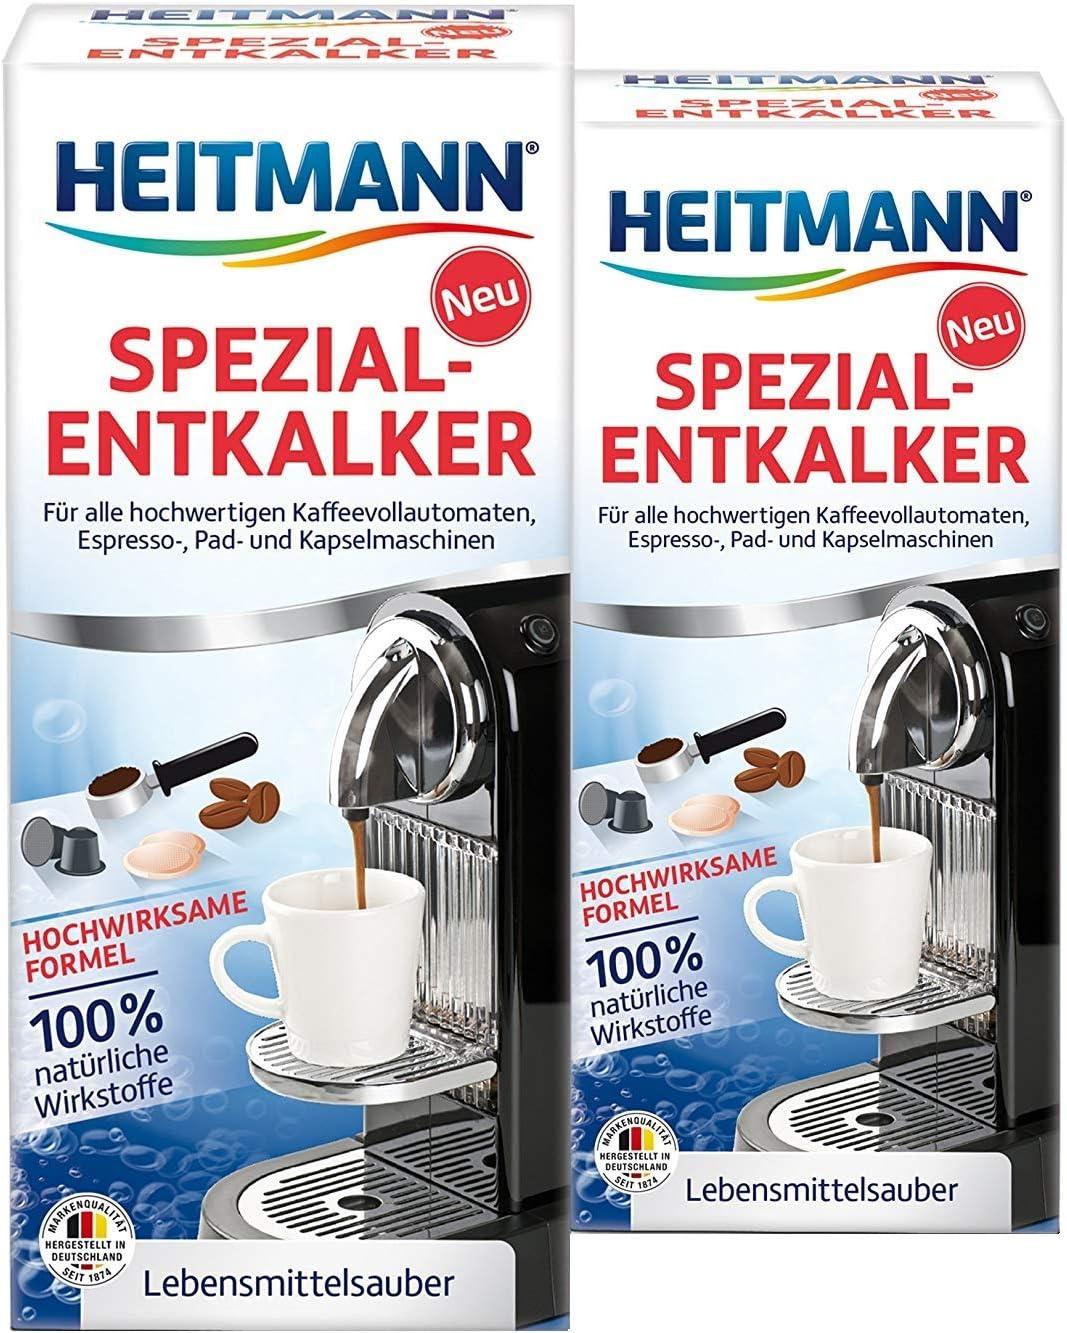 Heitmann - Descalcificador automático de cafetera: Amazon.es: Hogar